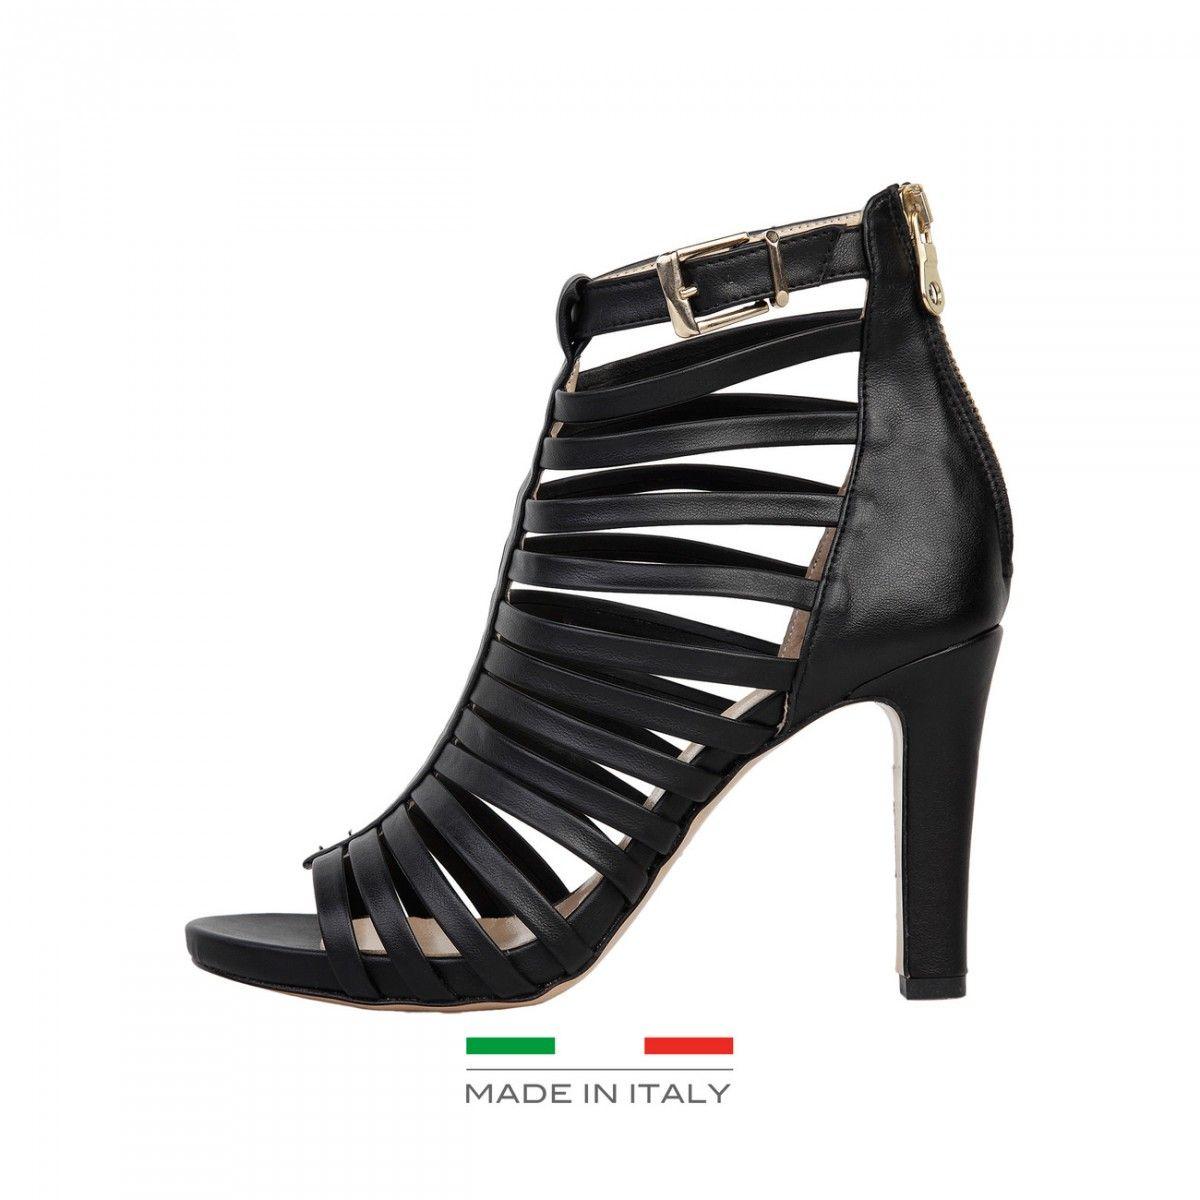 4a79e7cfc5 Fekete színű, magassarkú Versace1969 női szandál. Felsőrész:műbőr,  talpbetét:bőr, talp:bőr, sarok:9,5 cm